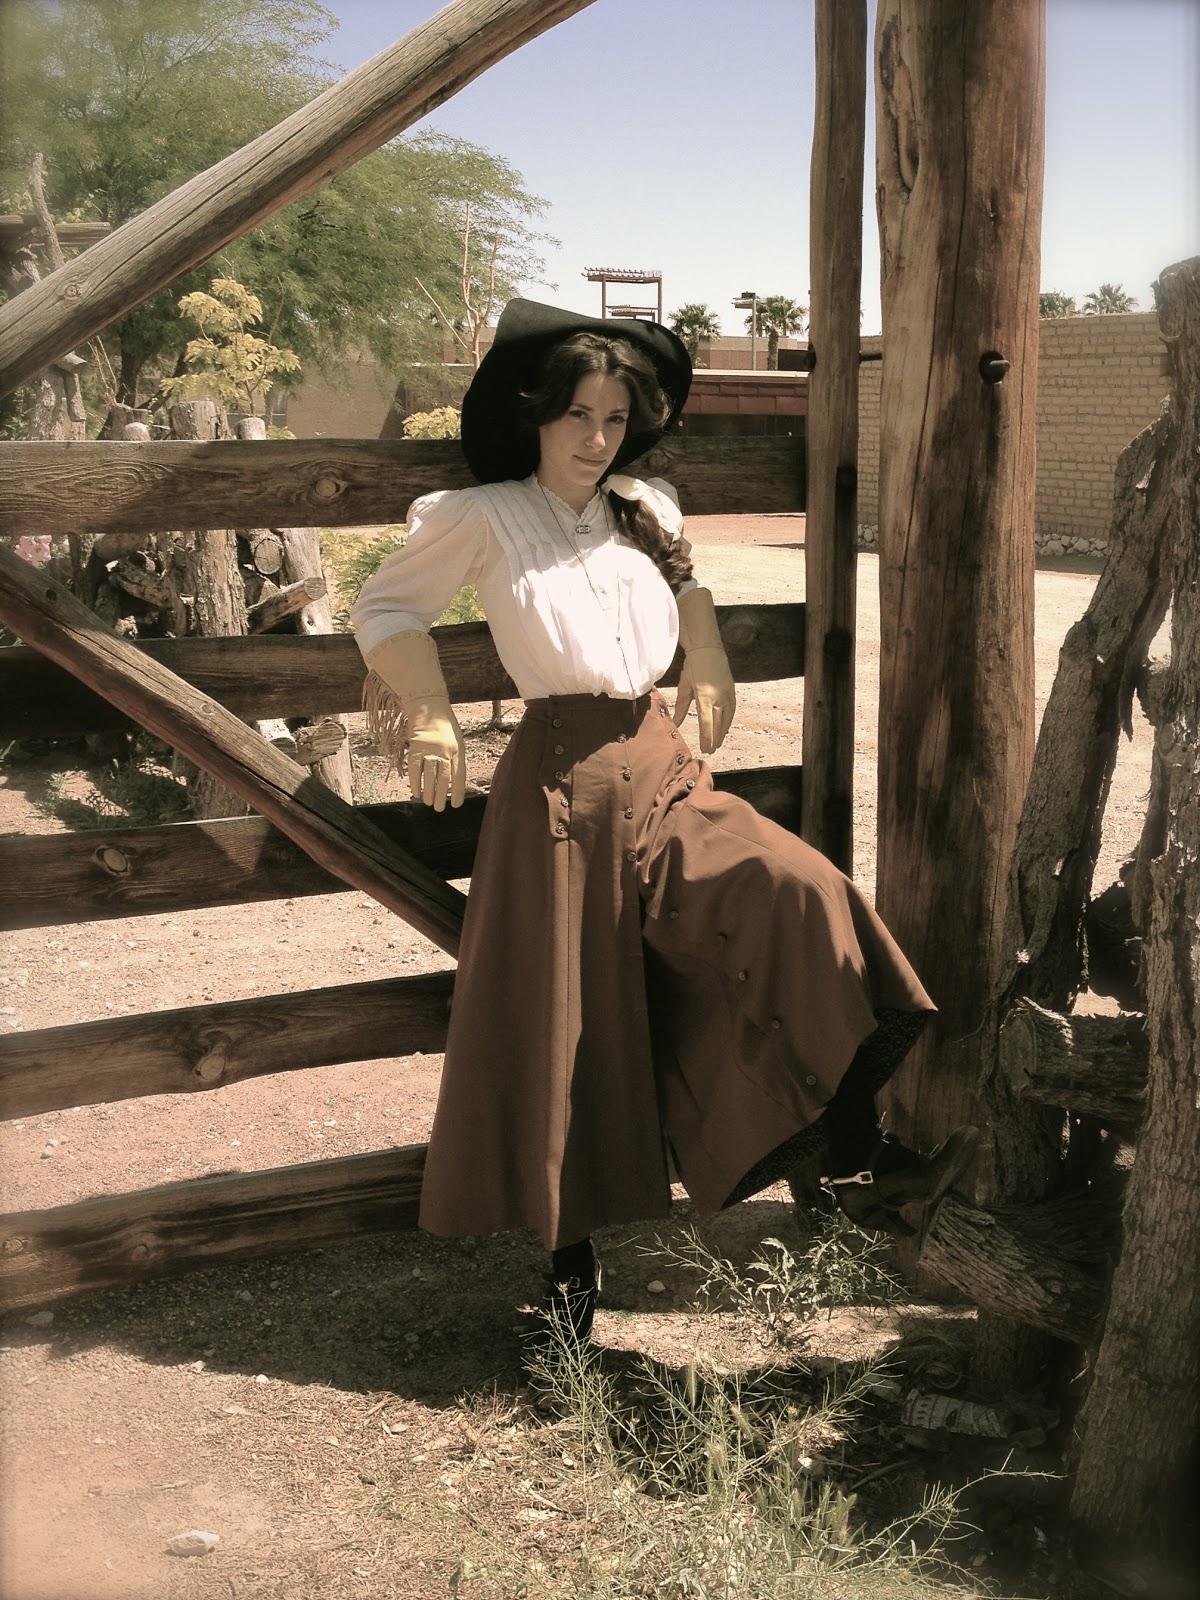 westernleány2.jpg